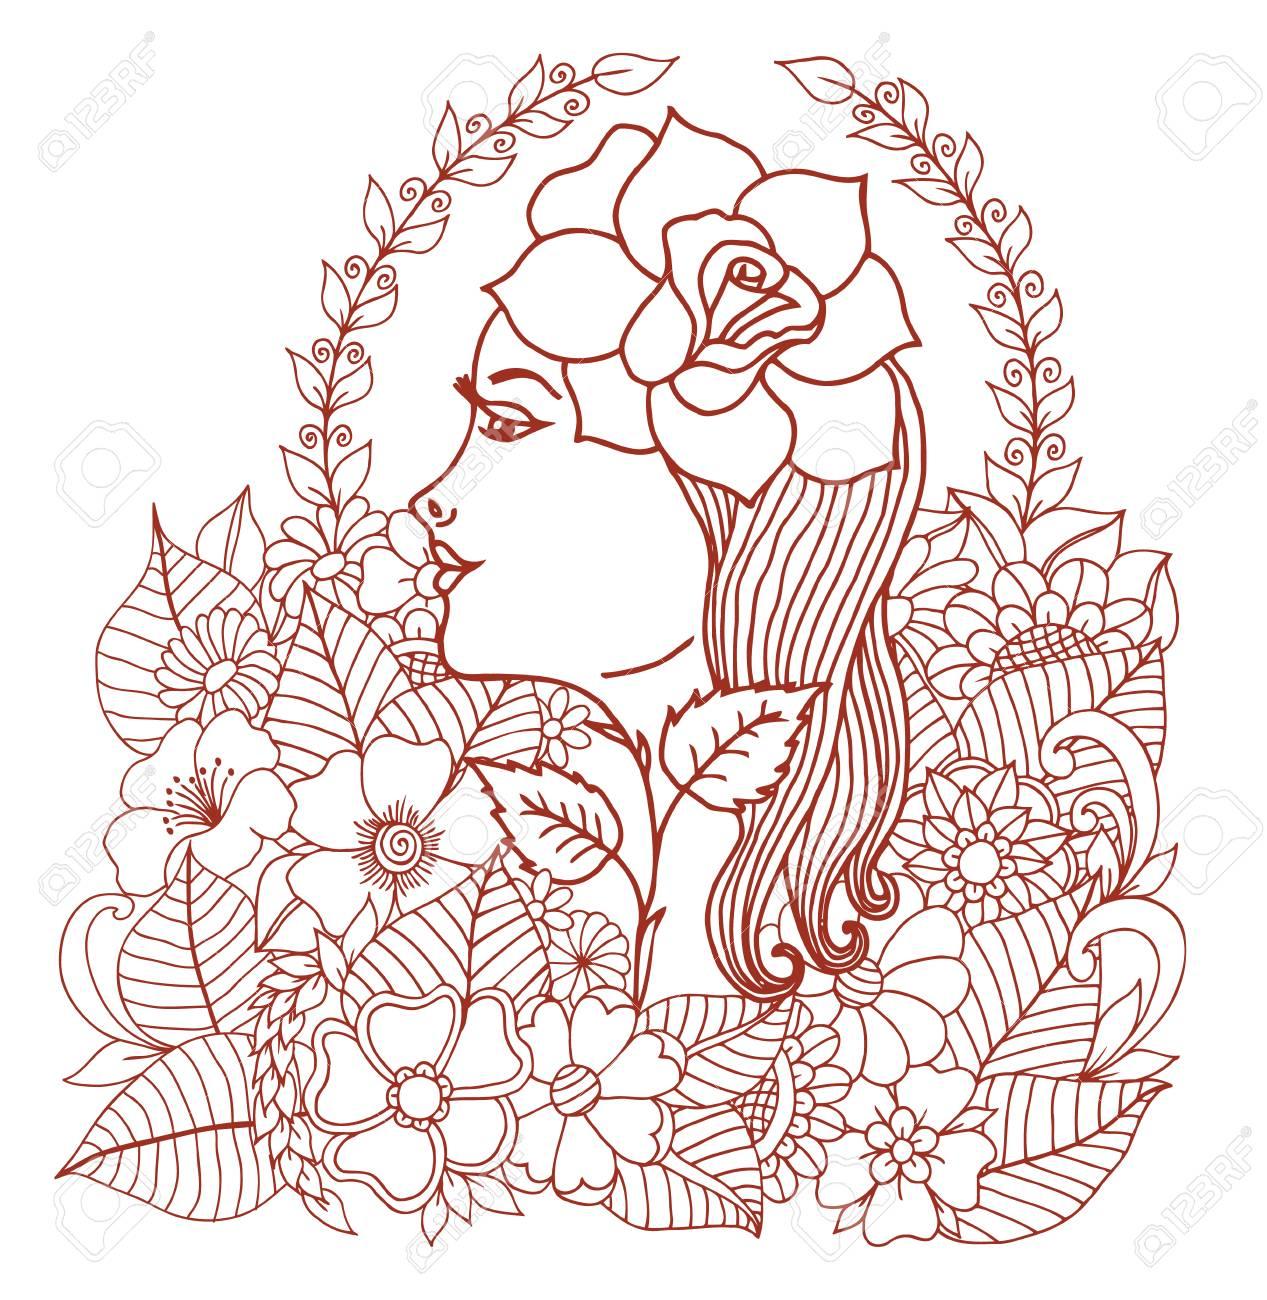 バラの花に囲まれてのベクトル イラスト女の子手作業での仕事大人と